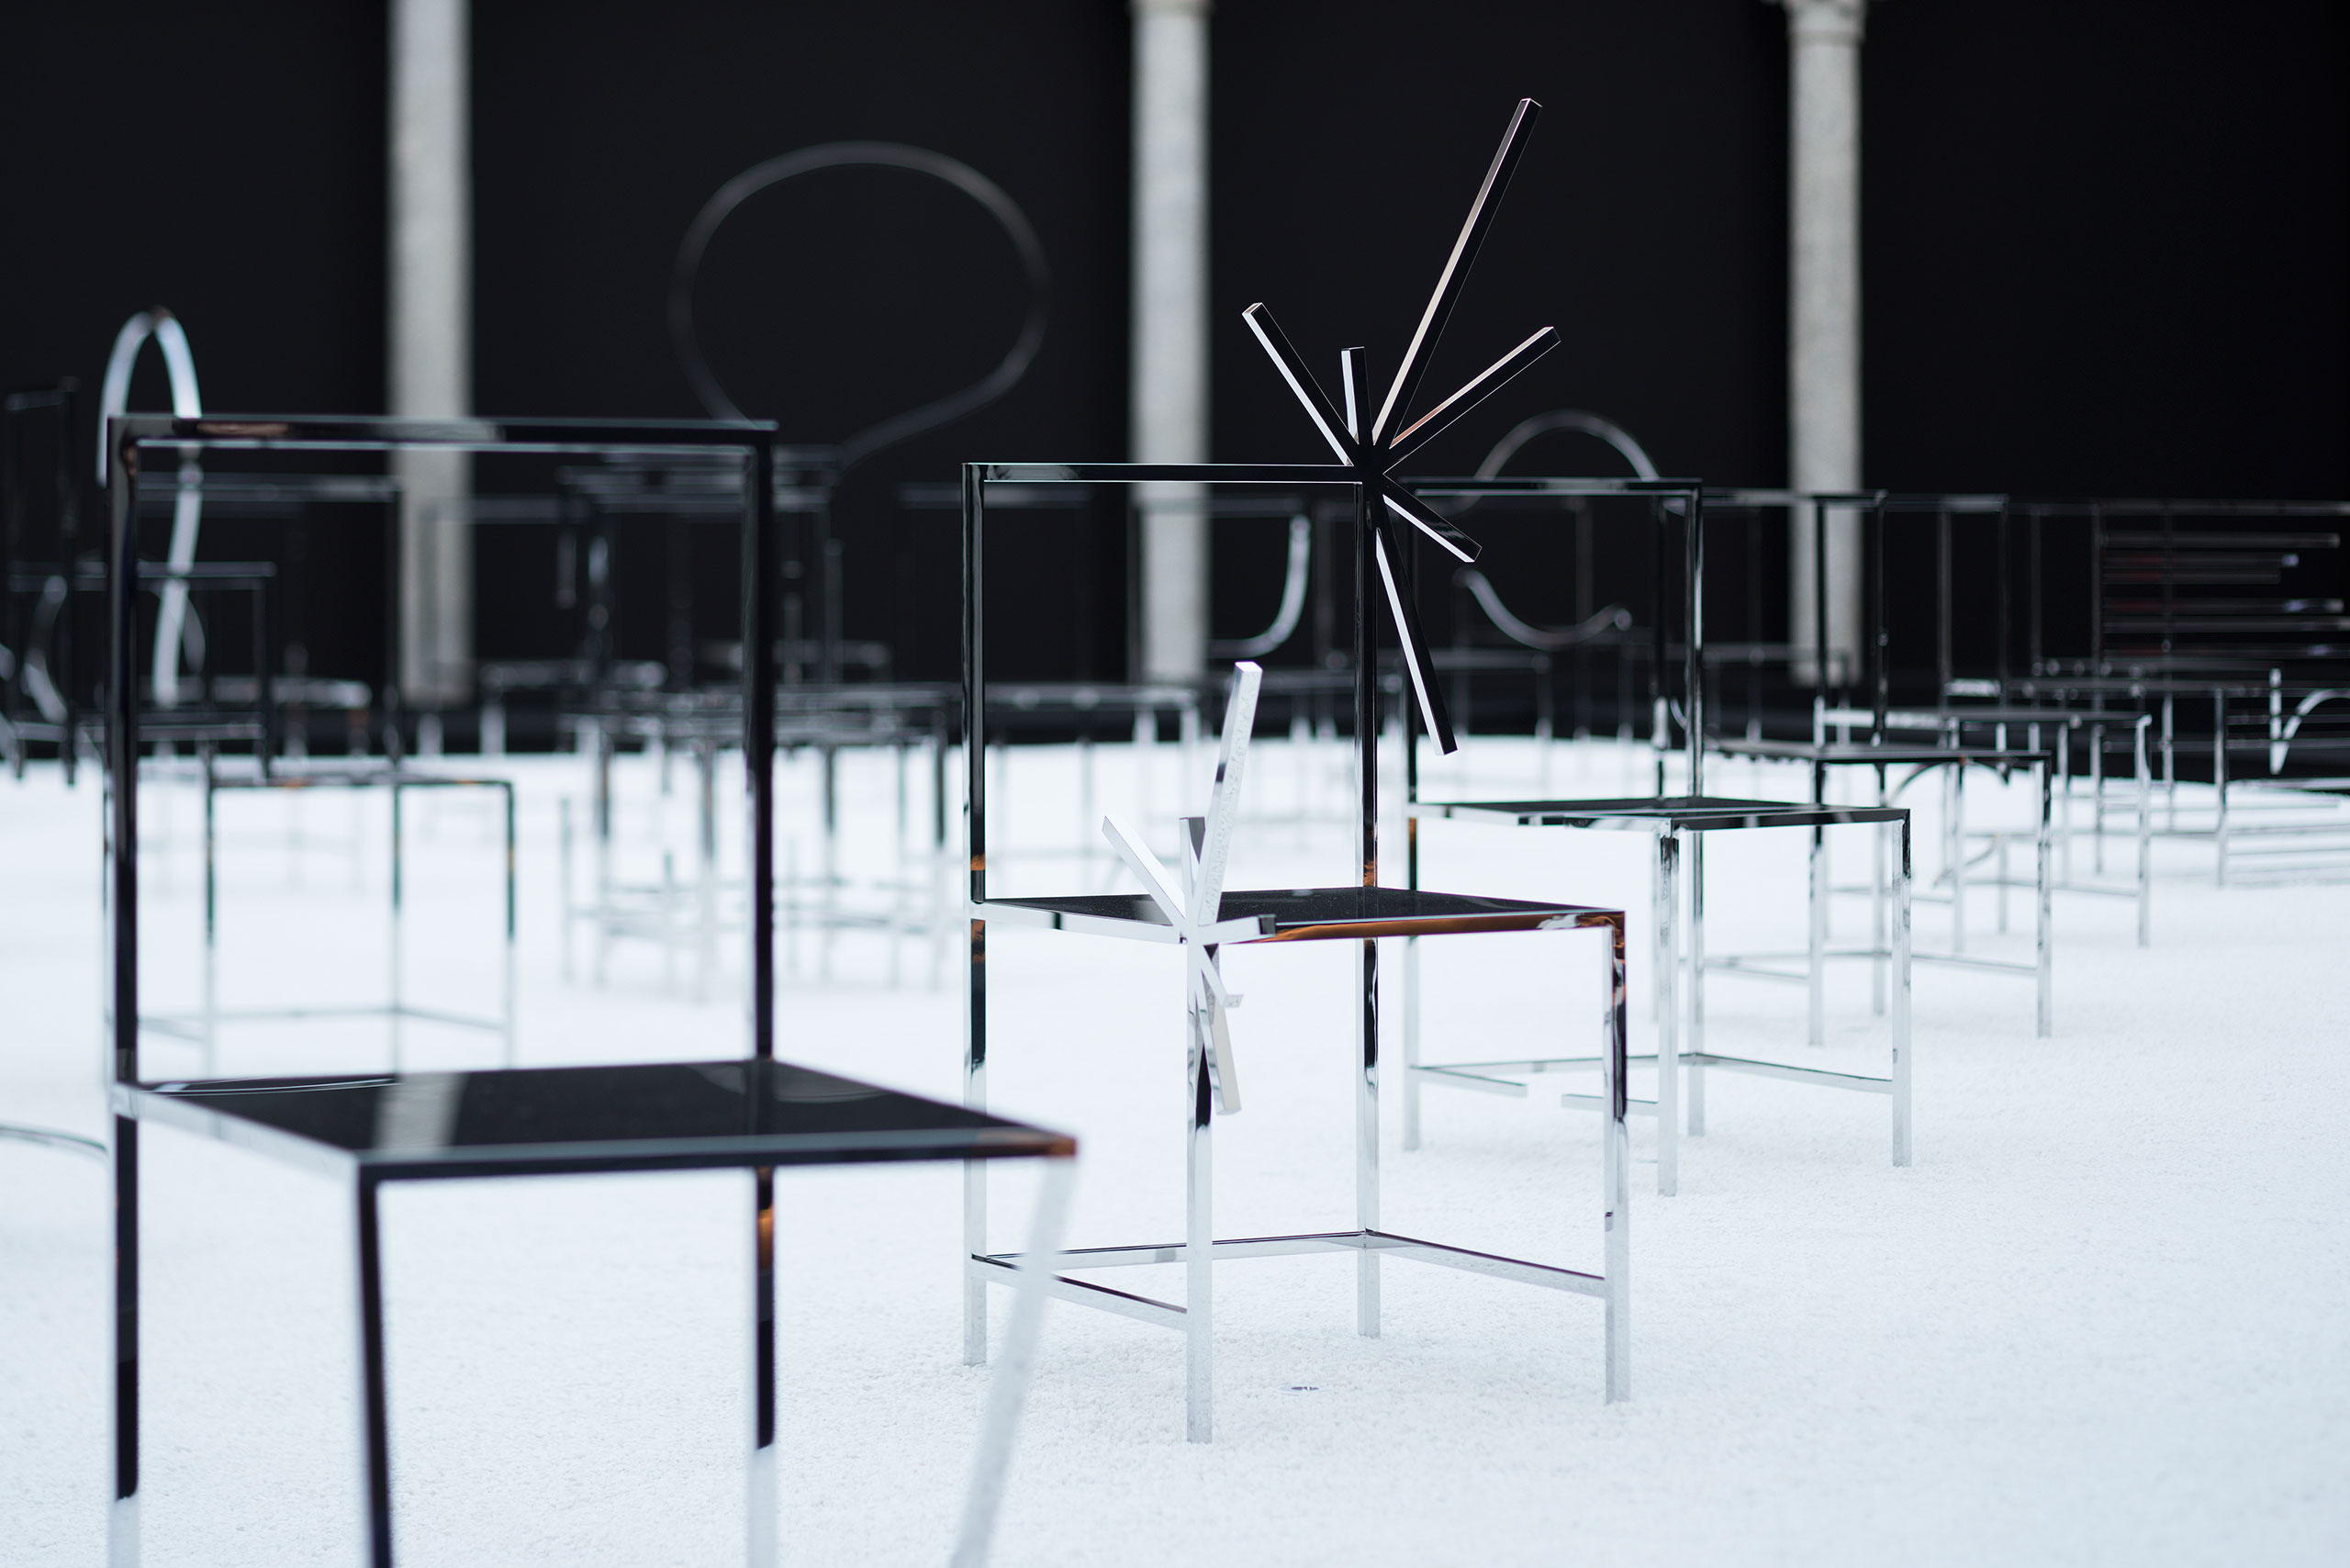 p4_50_manga_chairs_in_milan_nendo_for_friedman_benda_photo_takumi_ota_yatzer